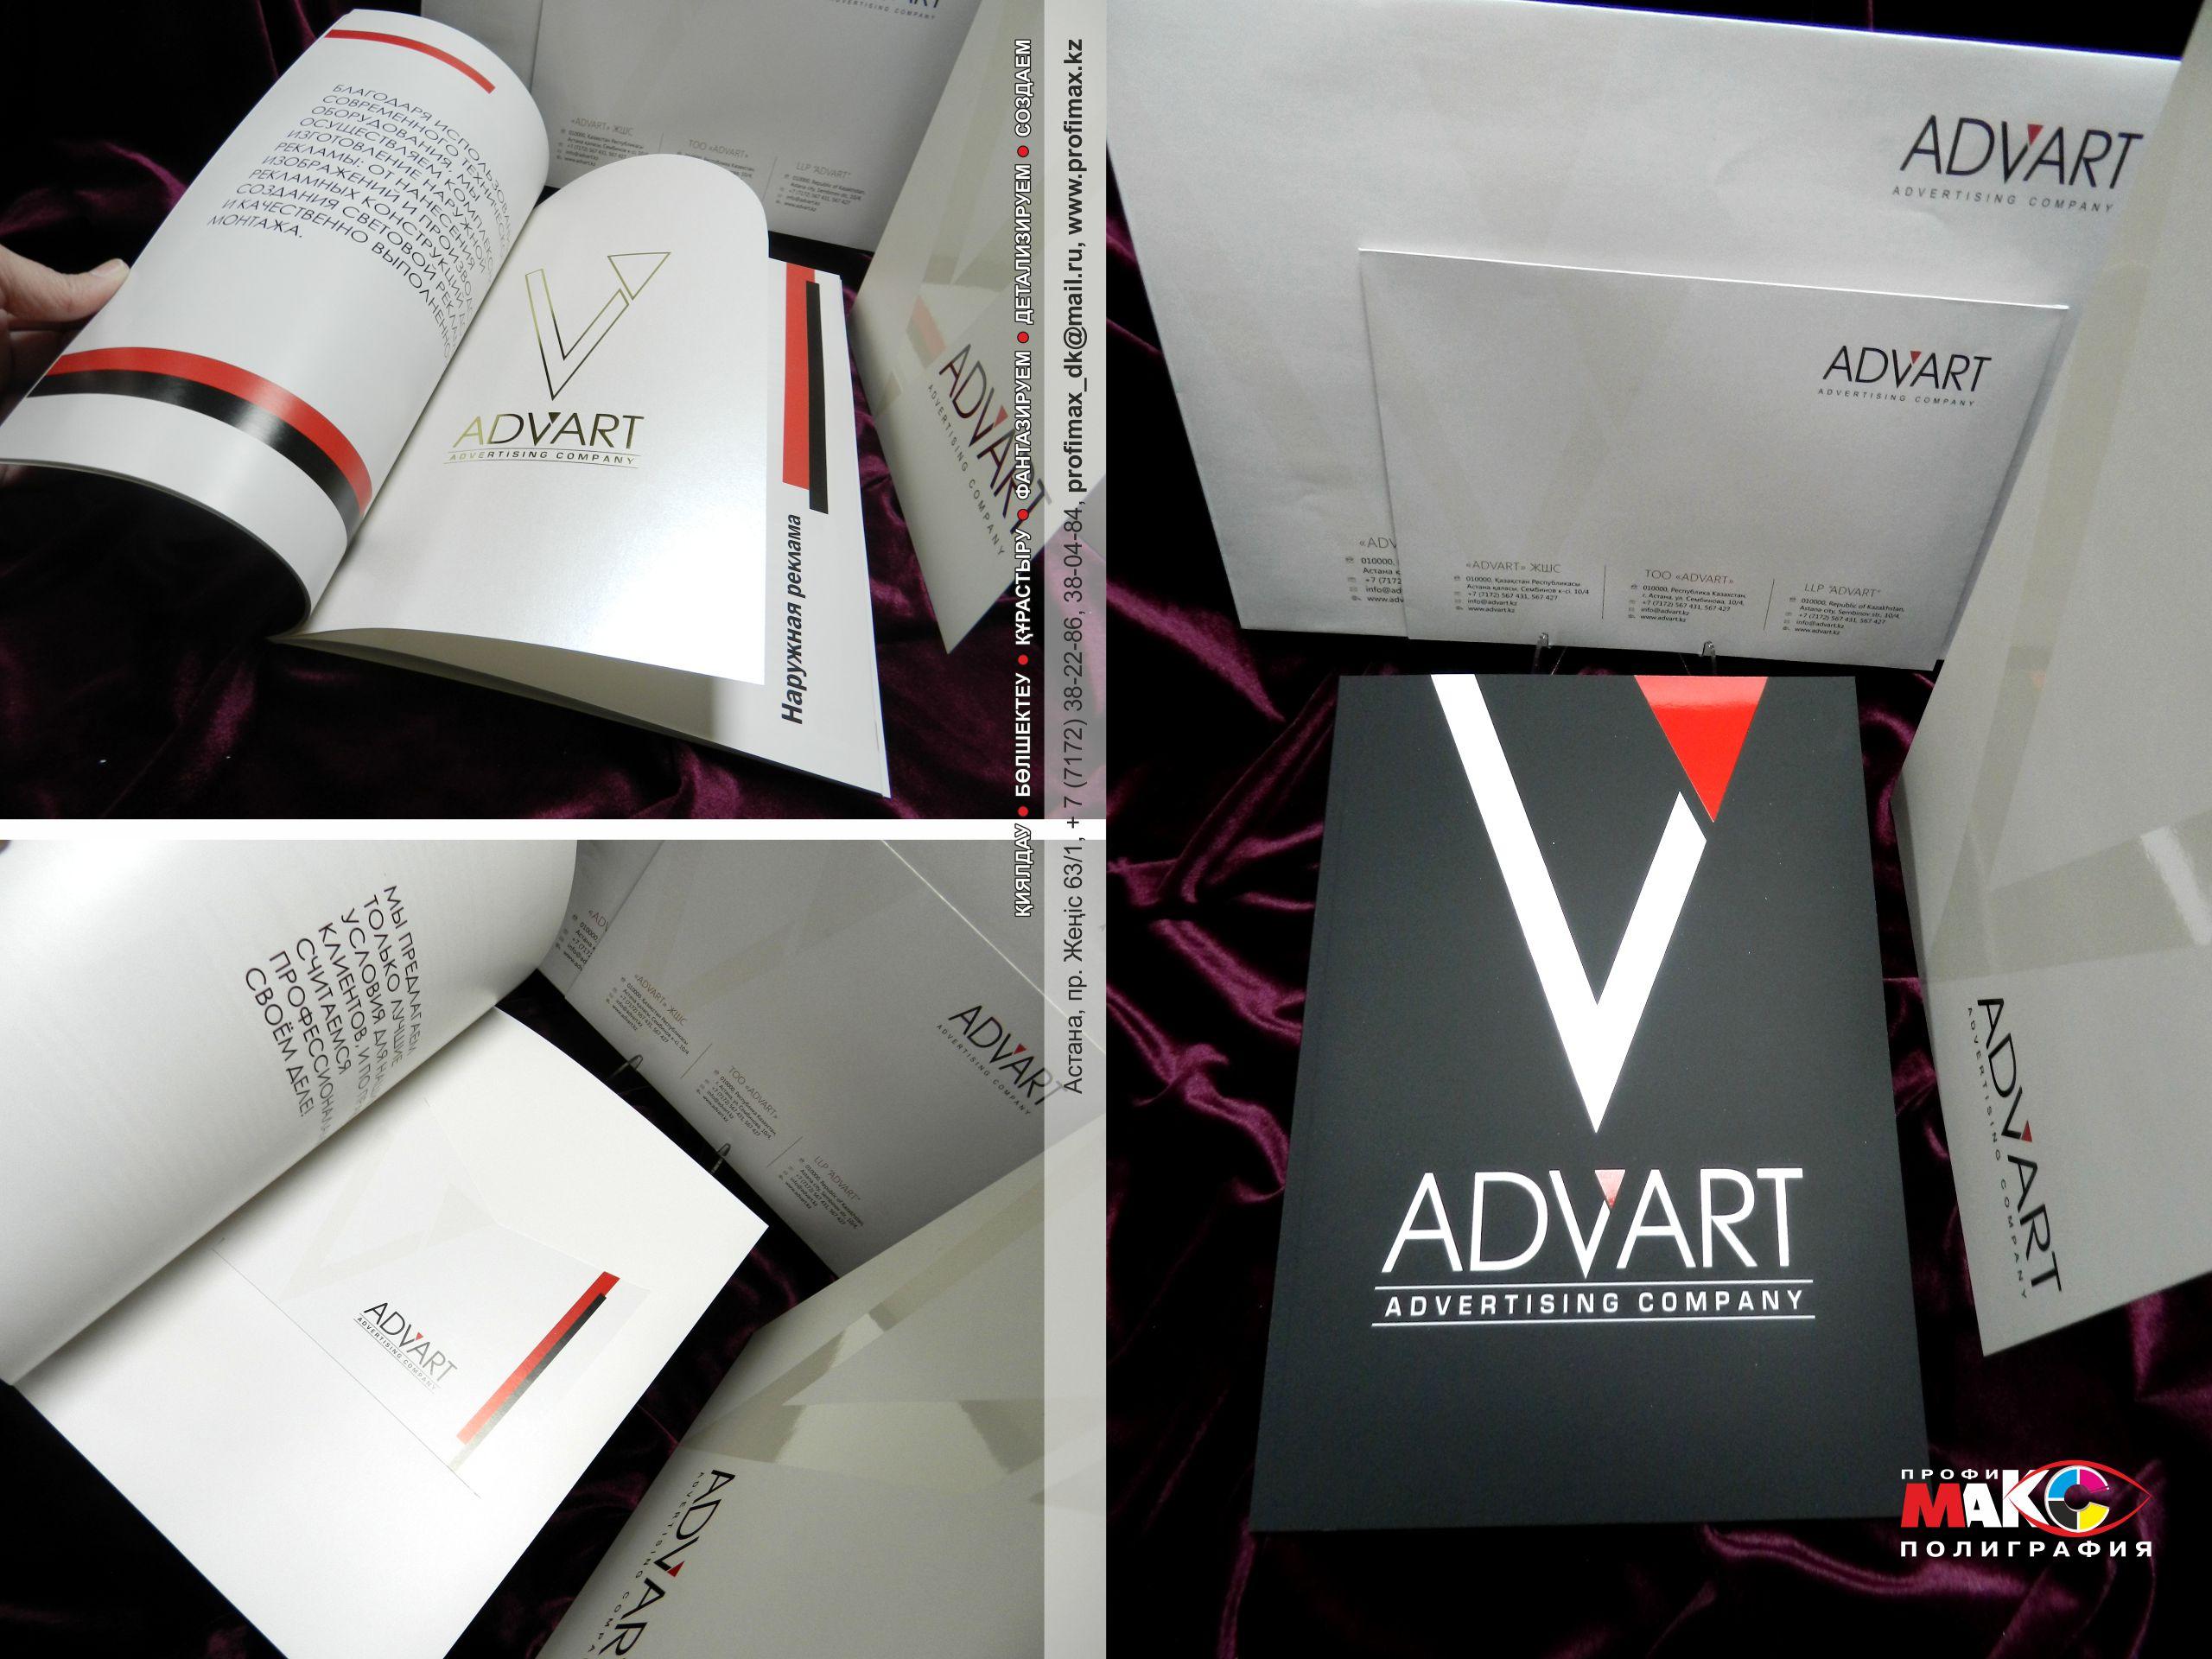 """Комплект с пантонами для """"Advart"""""""